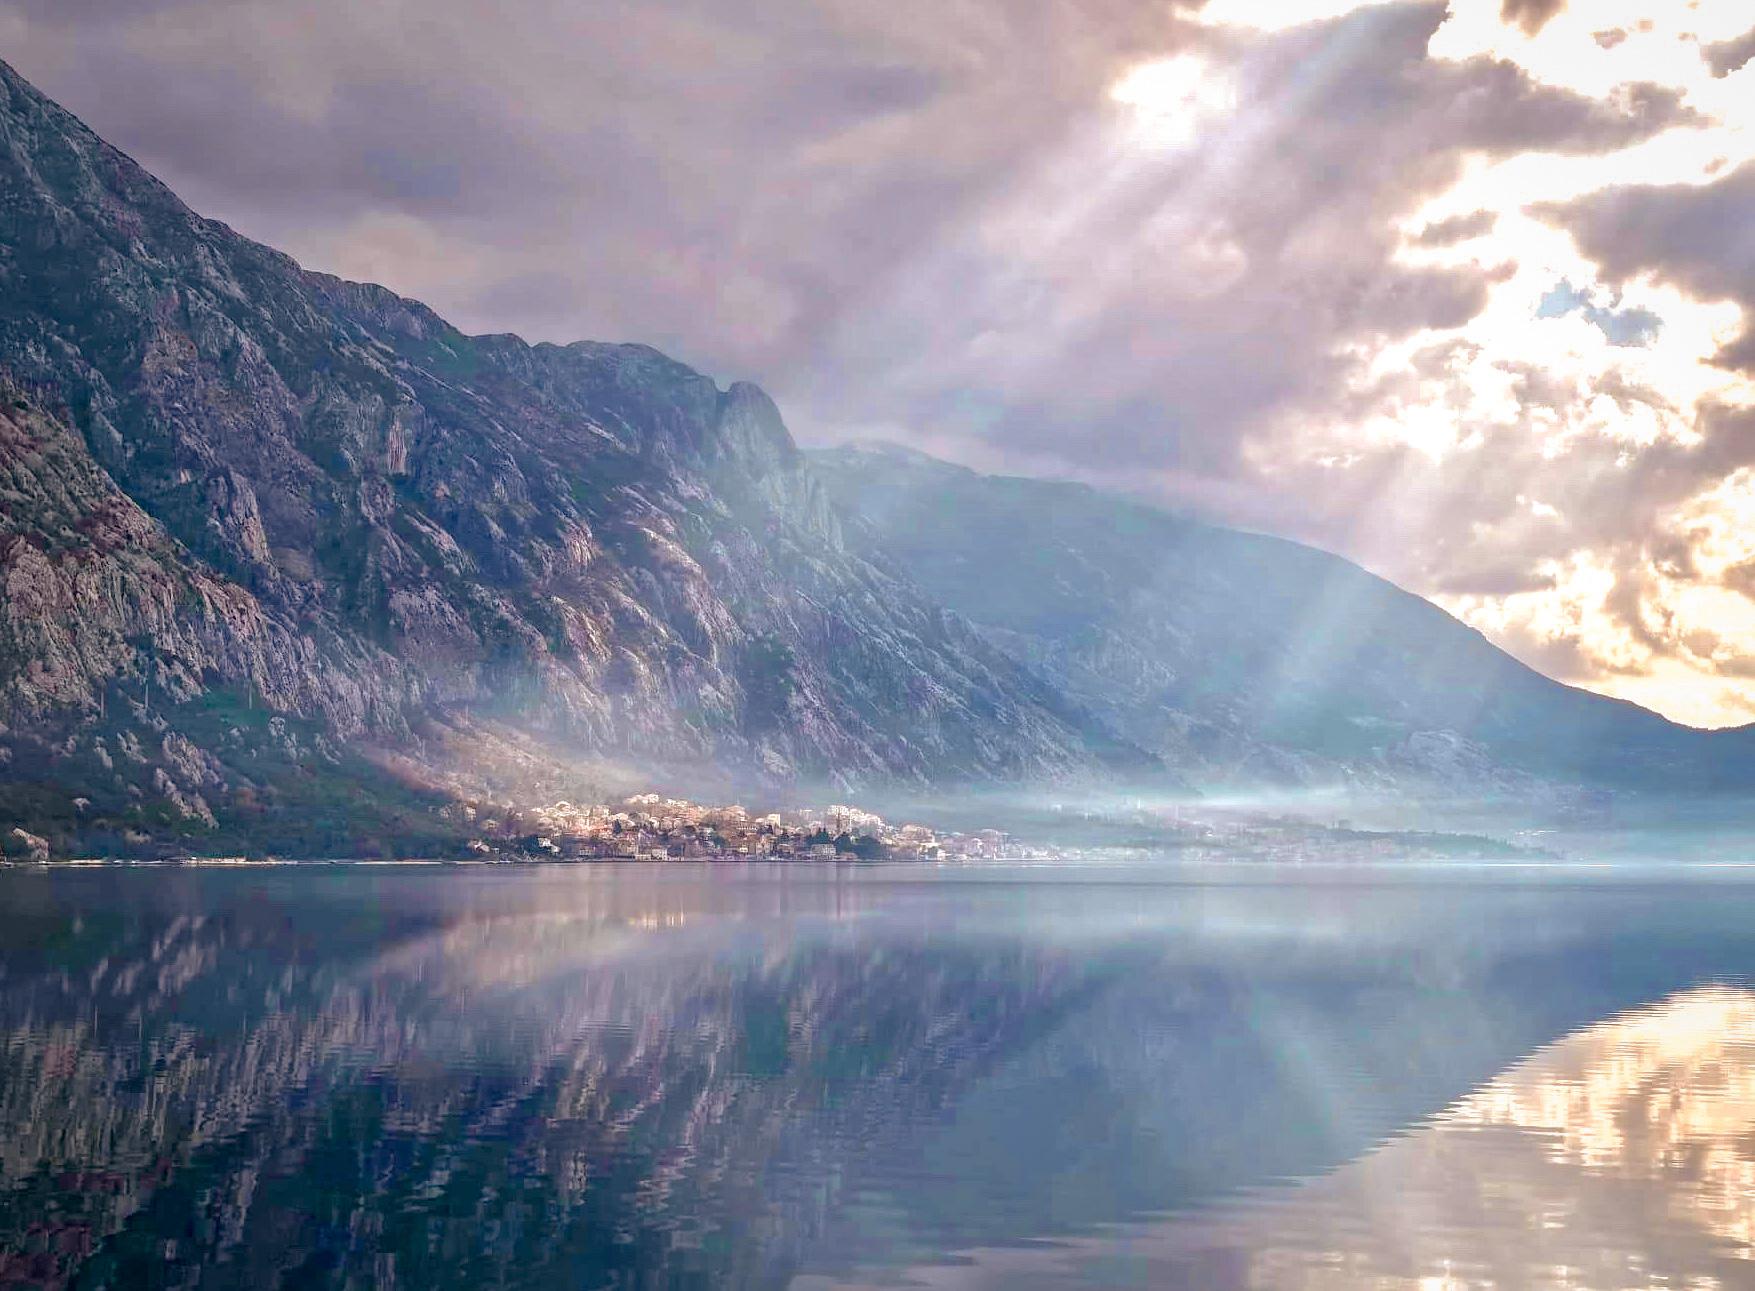 ဥရောပ ကမ်းခြေနိုင်ငံလေး မွန်တီနီဂရိုး Montenegro